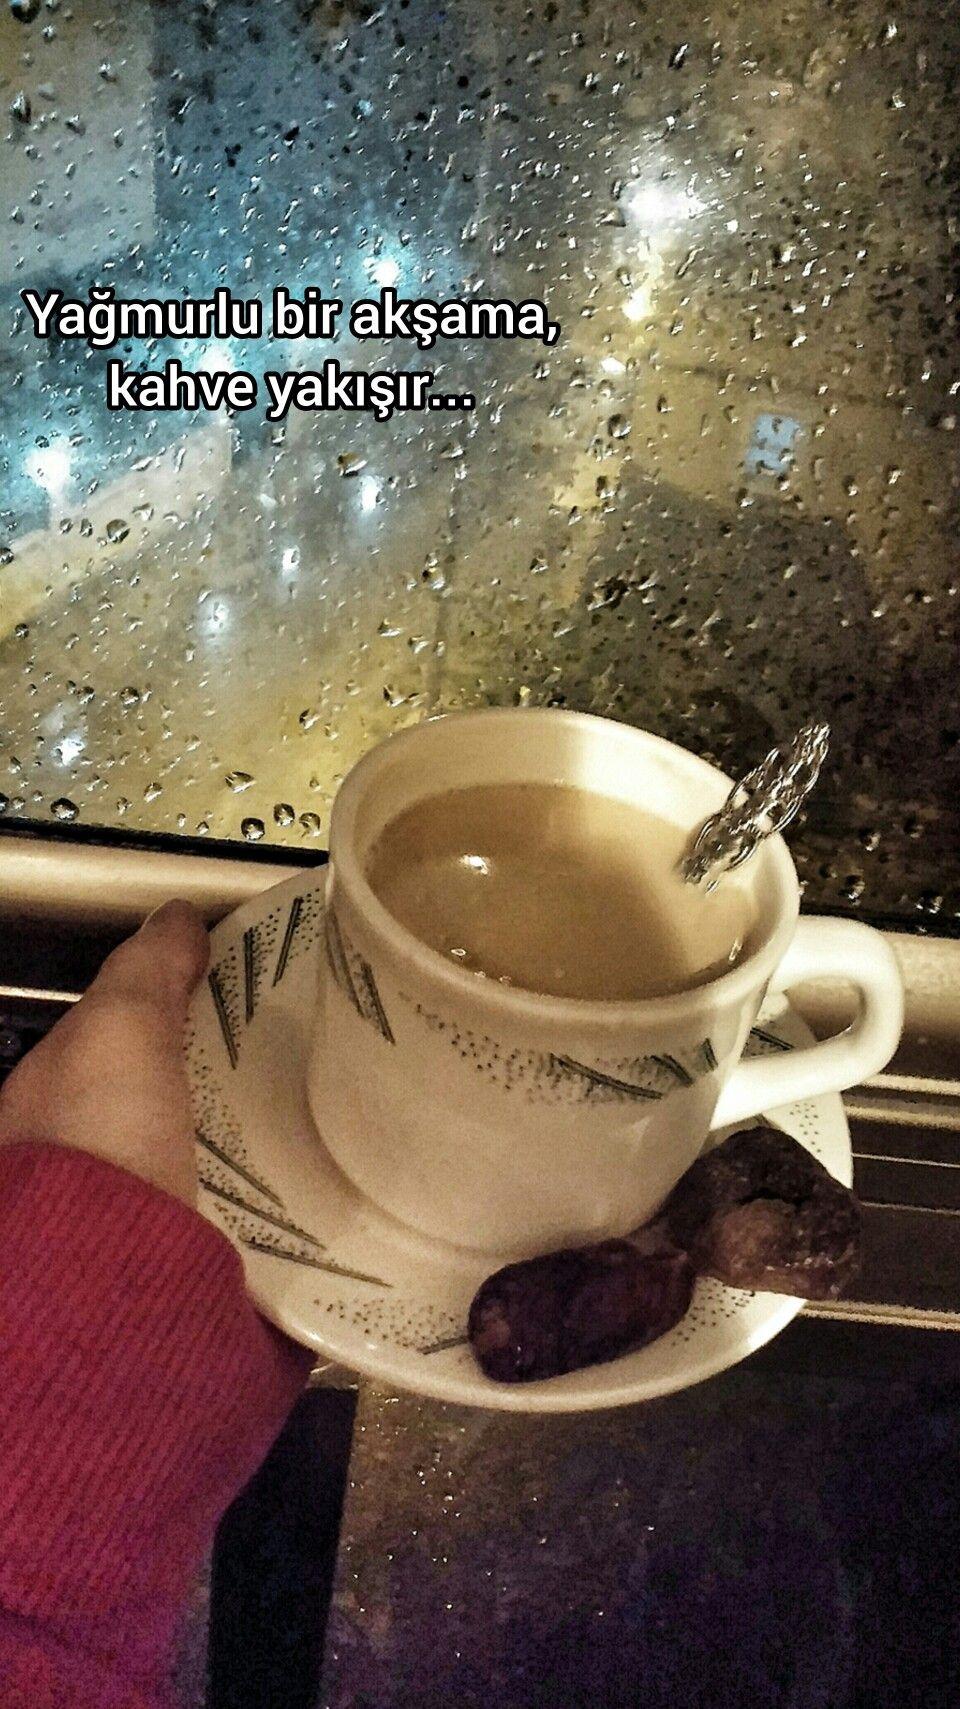 Kahve Saati Ve Yagmur Kahve Vine Yagmur